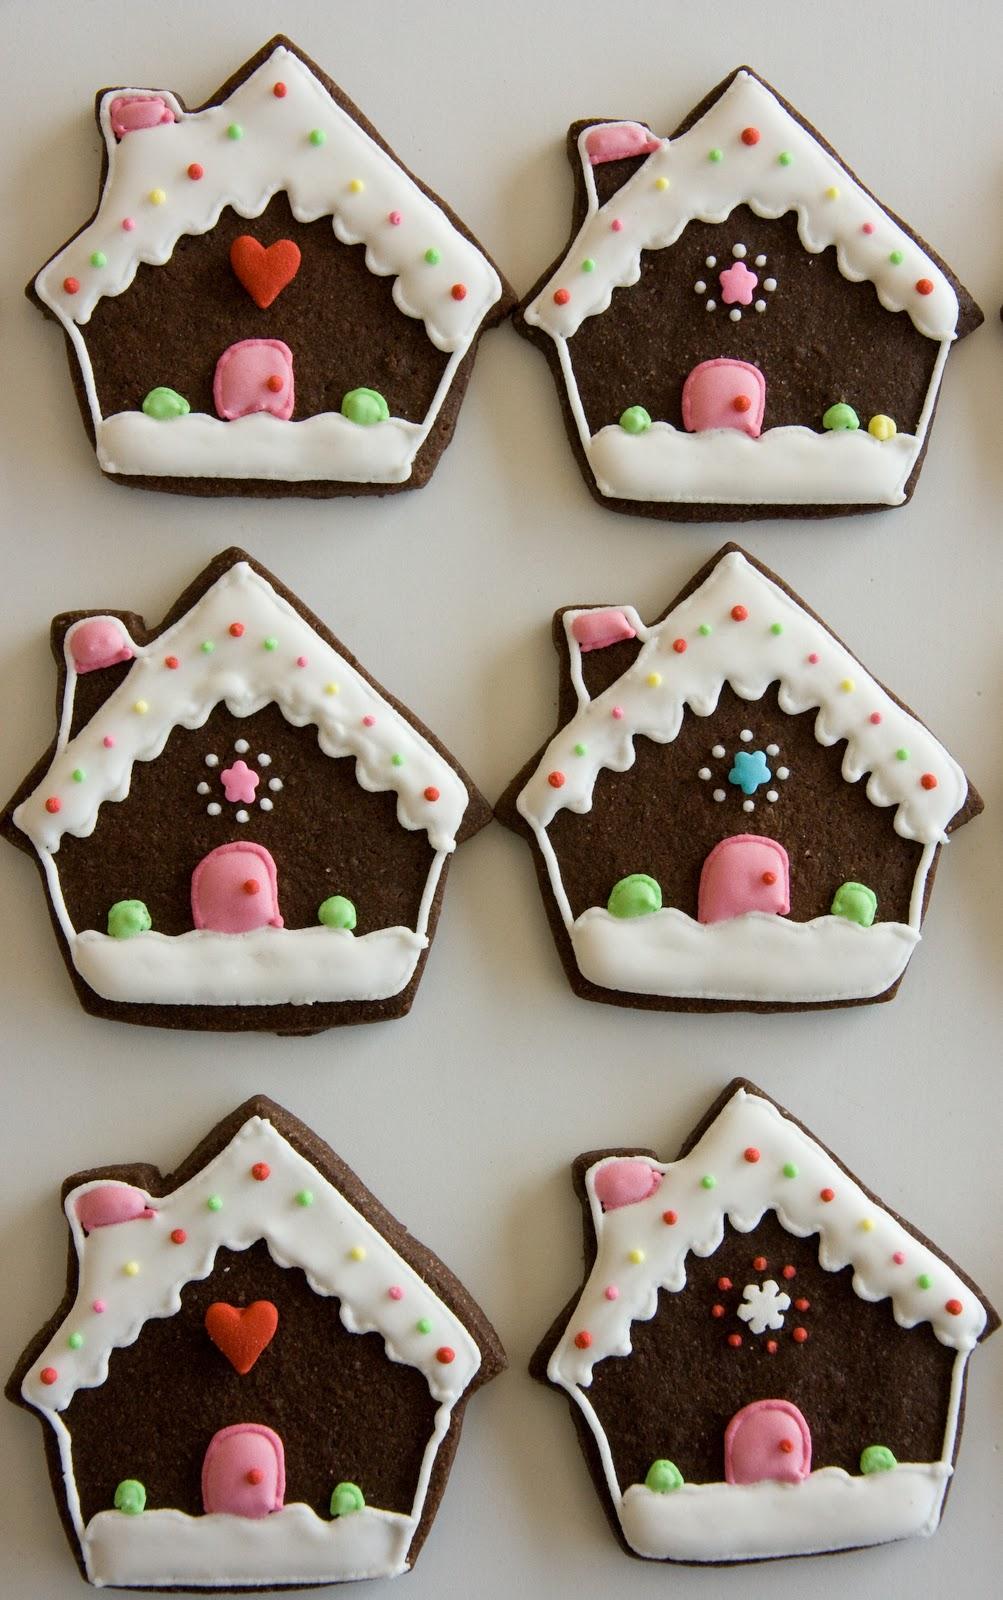 Imagenes De Galletas De Navidad Decoradas.Xocolat And Co Galletas Decoradas De Navidad I